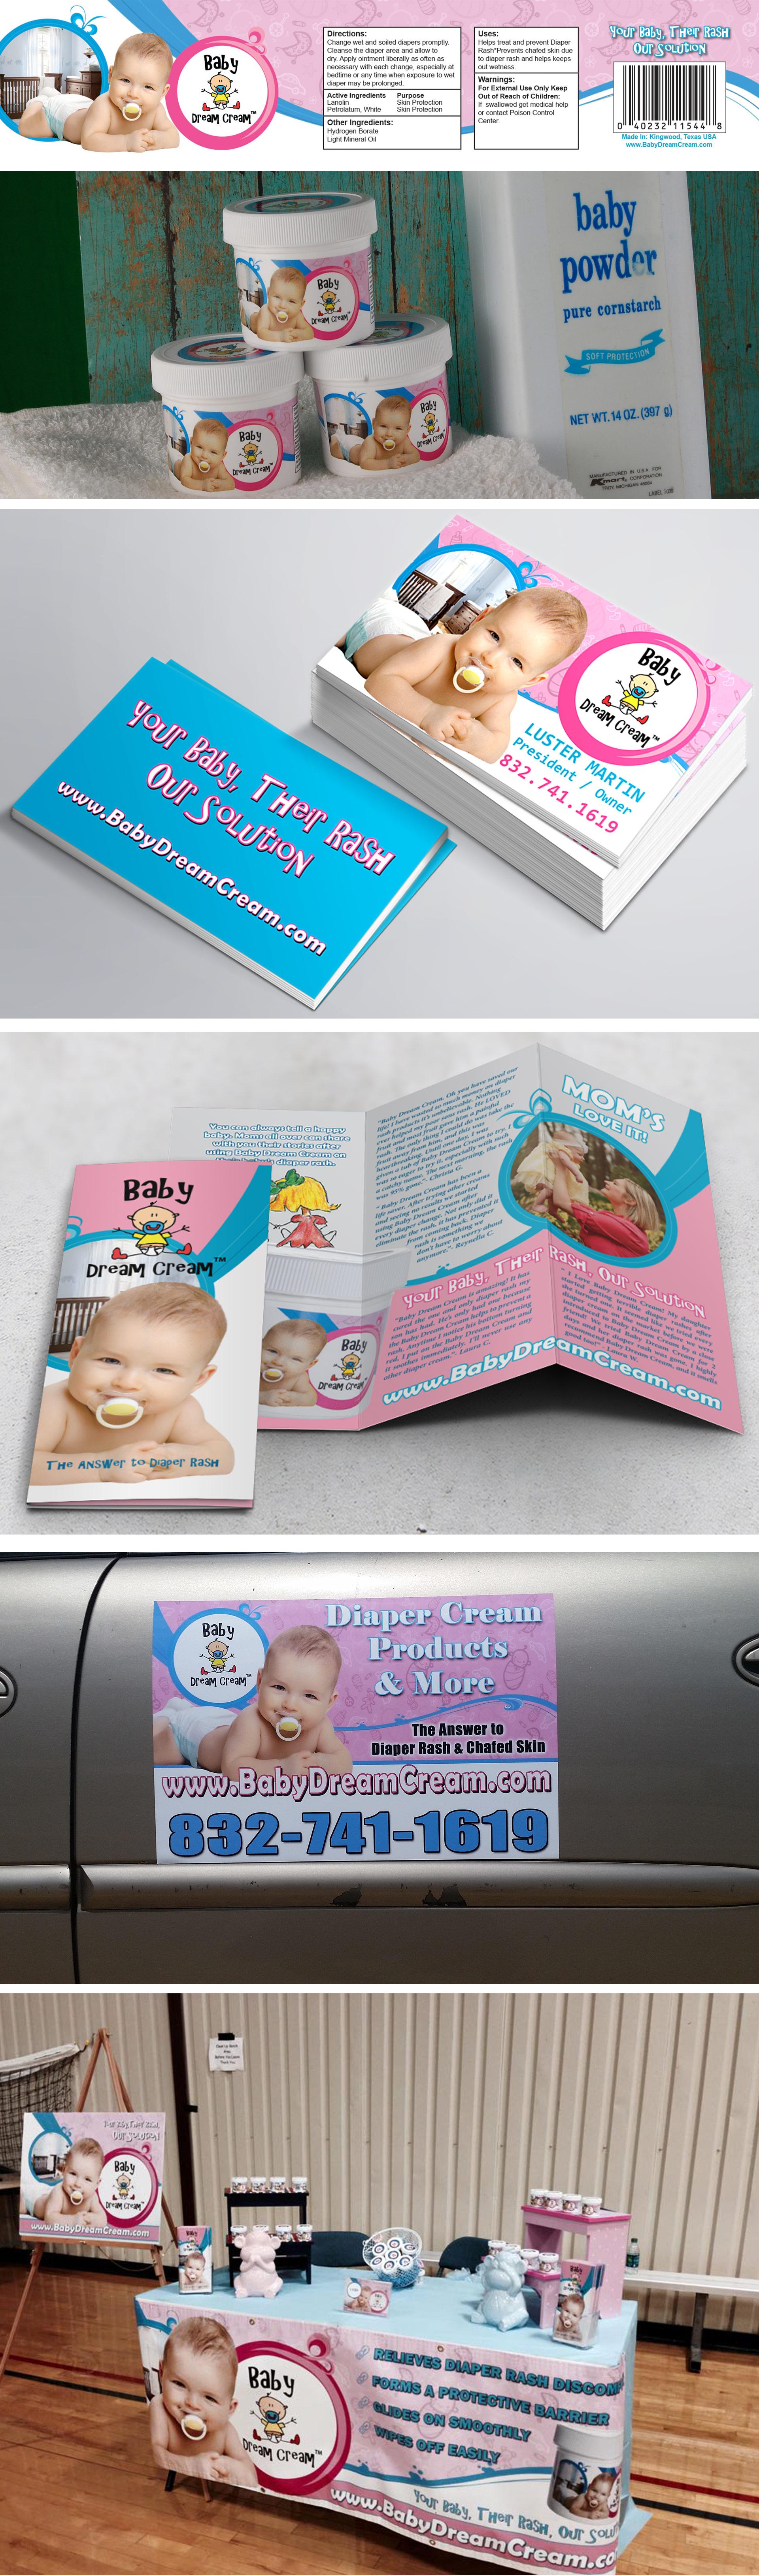 branding-Baby Dream Cream